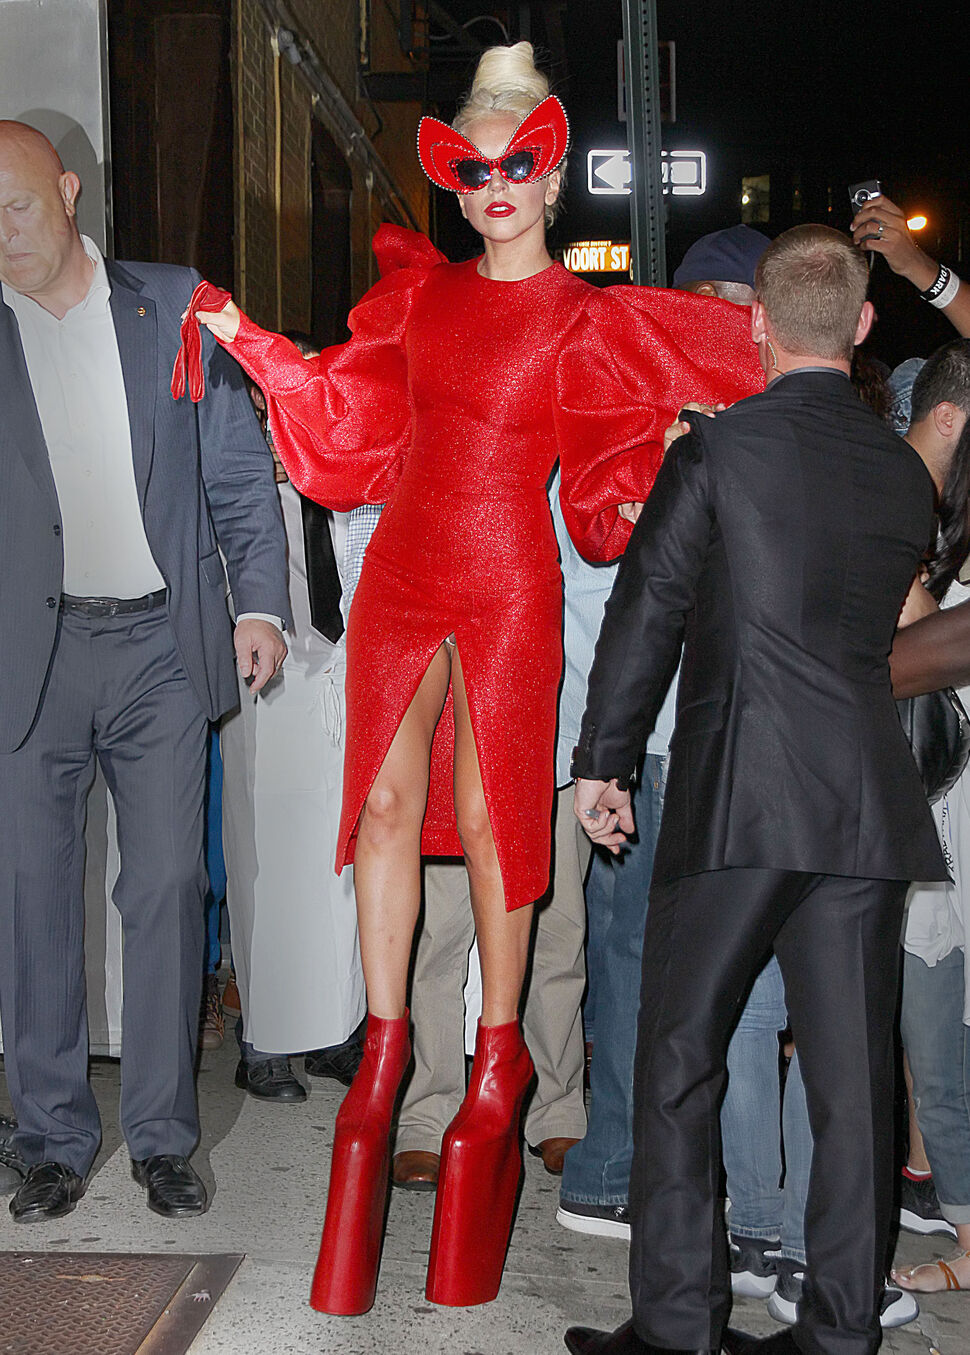 Разрез платья Lady Gaga открыл немного больше, чем надо